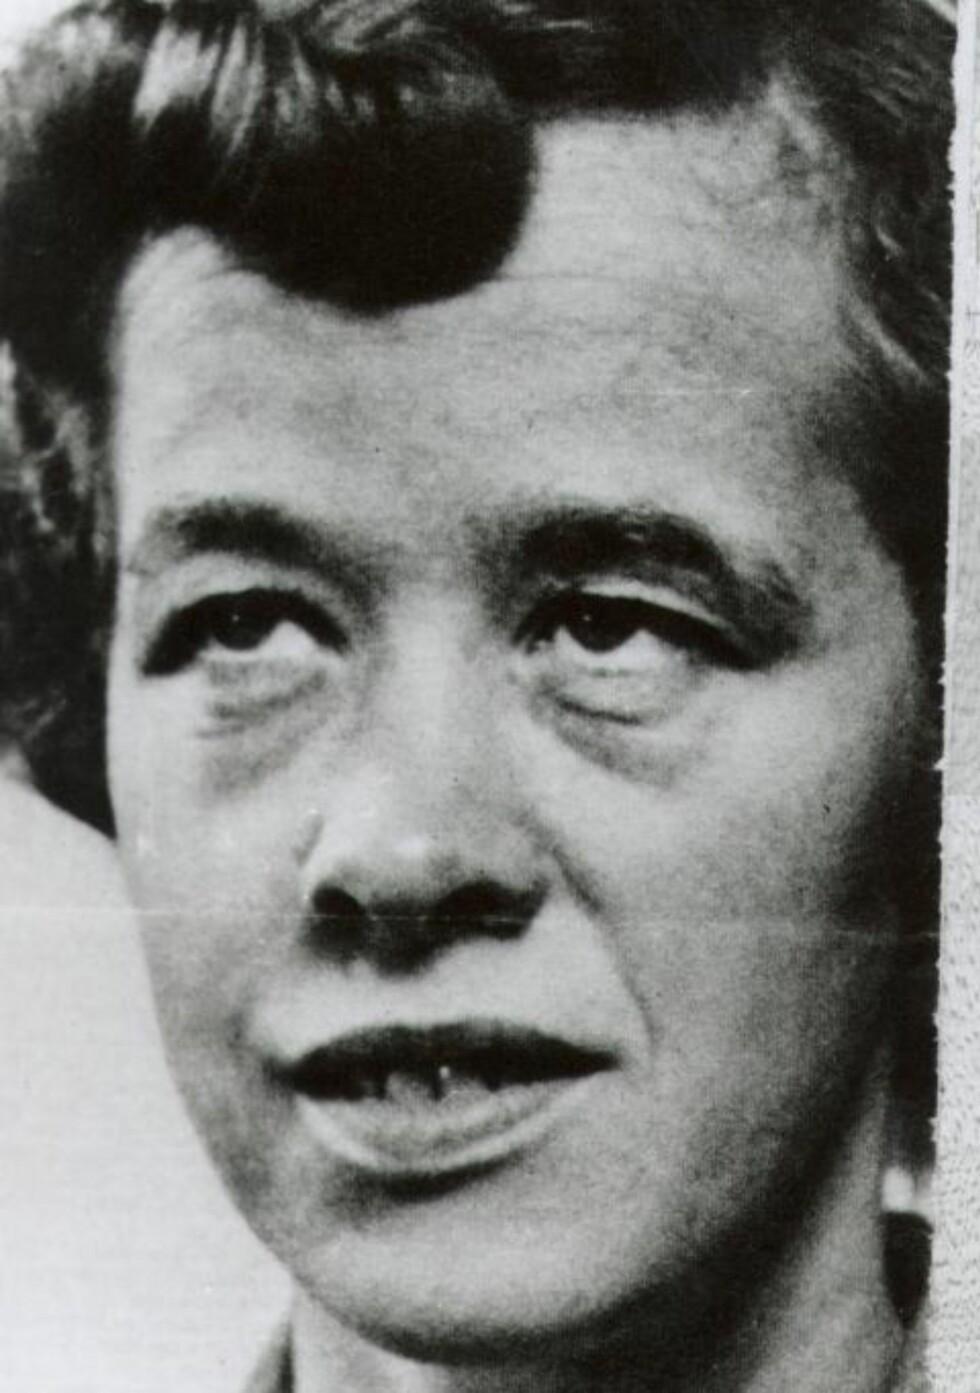 BRYST-FOMLING: KGB forsøkte å kompromittere ambassade-ansatt Ingeborg Lygren, men  vervingsforsøket ble en fiasko. De to agentene klarte å fomle litt med brystene hennes og bilder ble tatt, men KGB konkluderte med at dette var for spinkelt. Hun var en ugift kvinne så hun hadde lite å tape. Derfor ga vi opp nye vervingsforsøk, mintes KGB-offiser Krymov. Foto: NTB SCANPIX